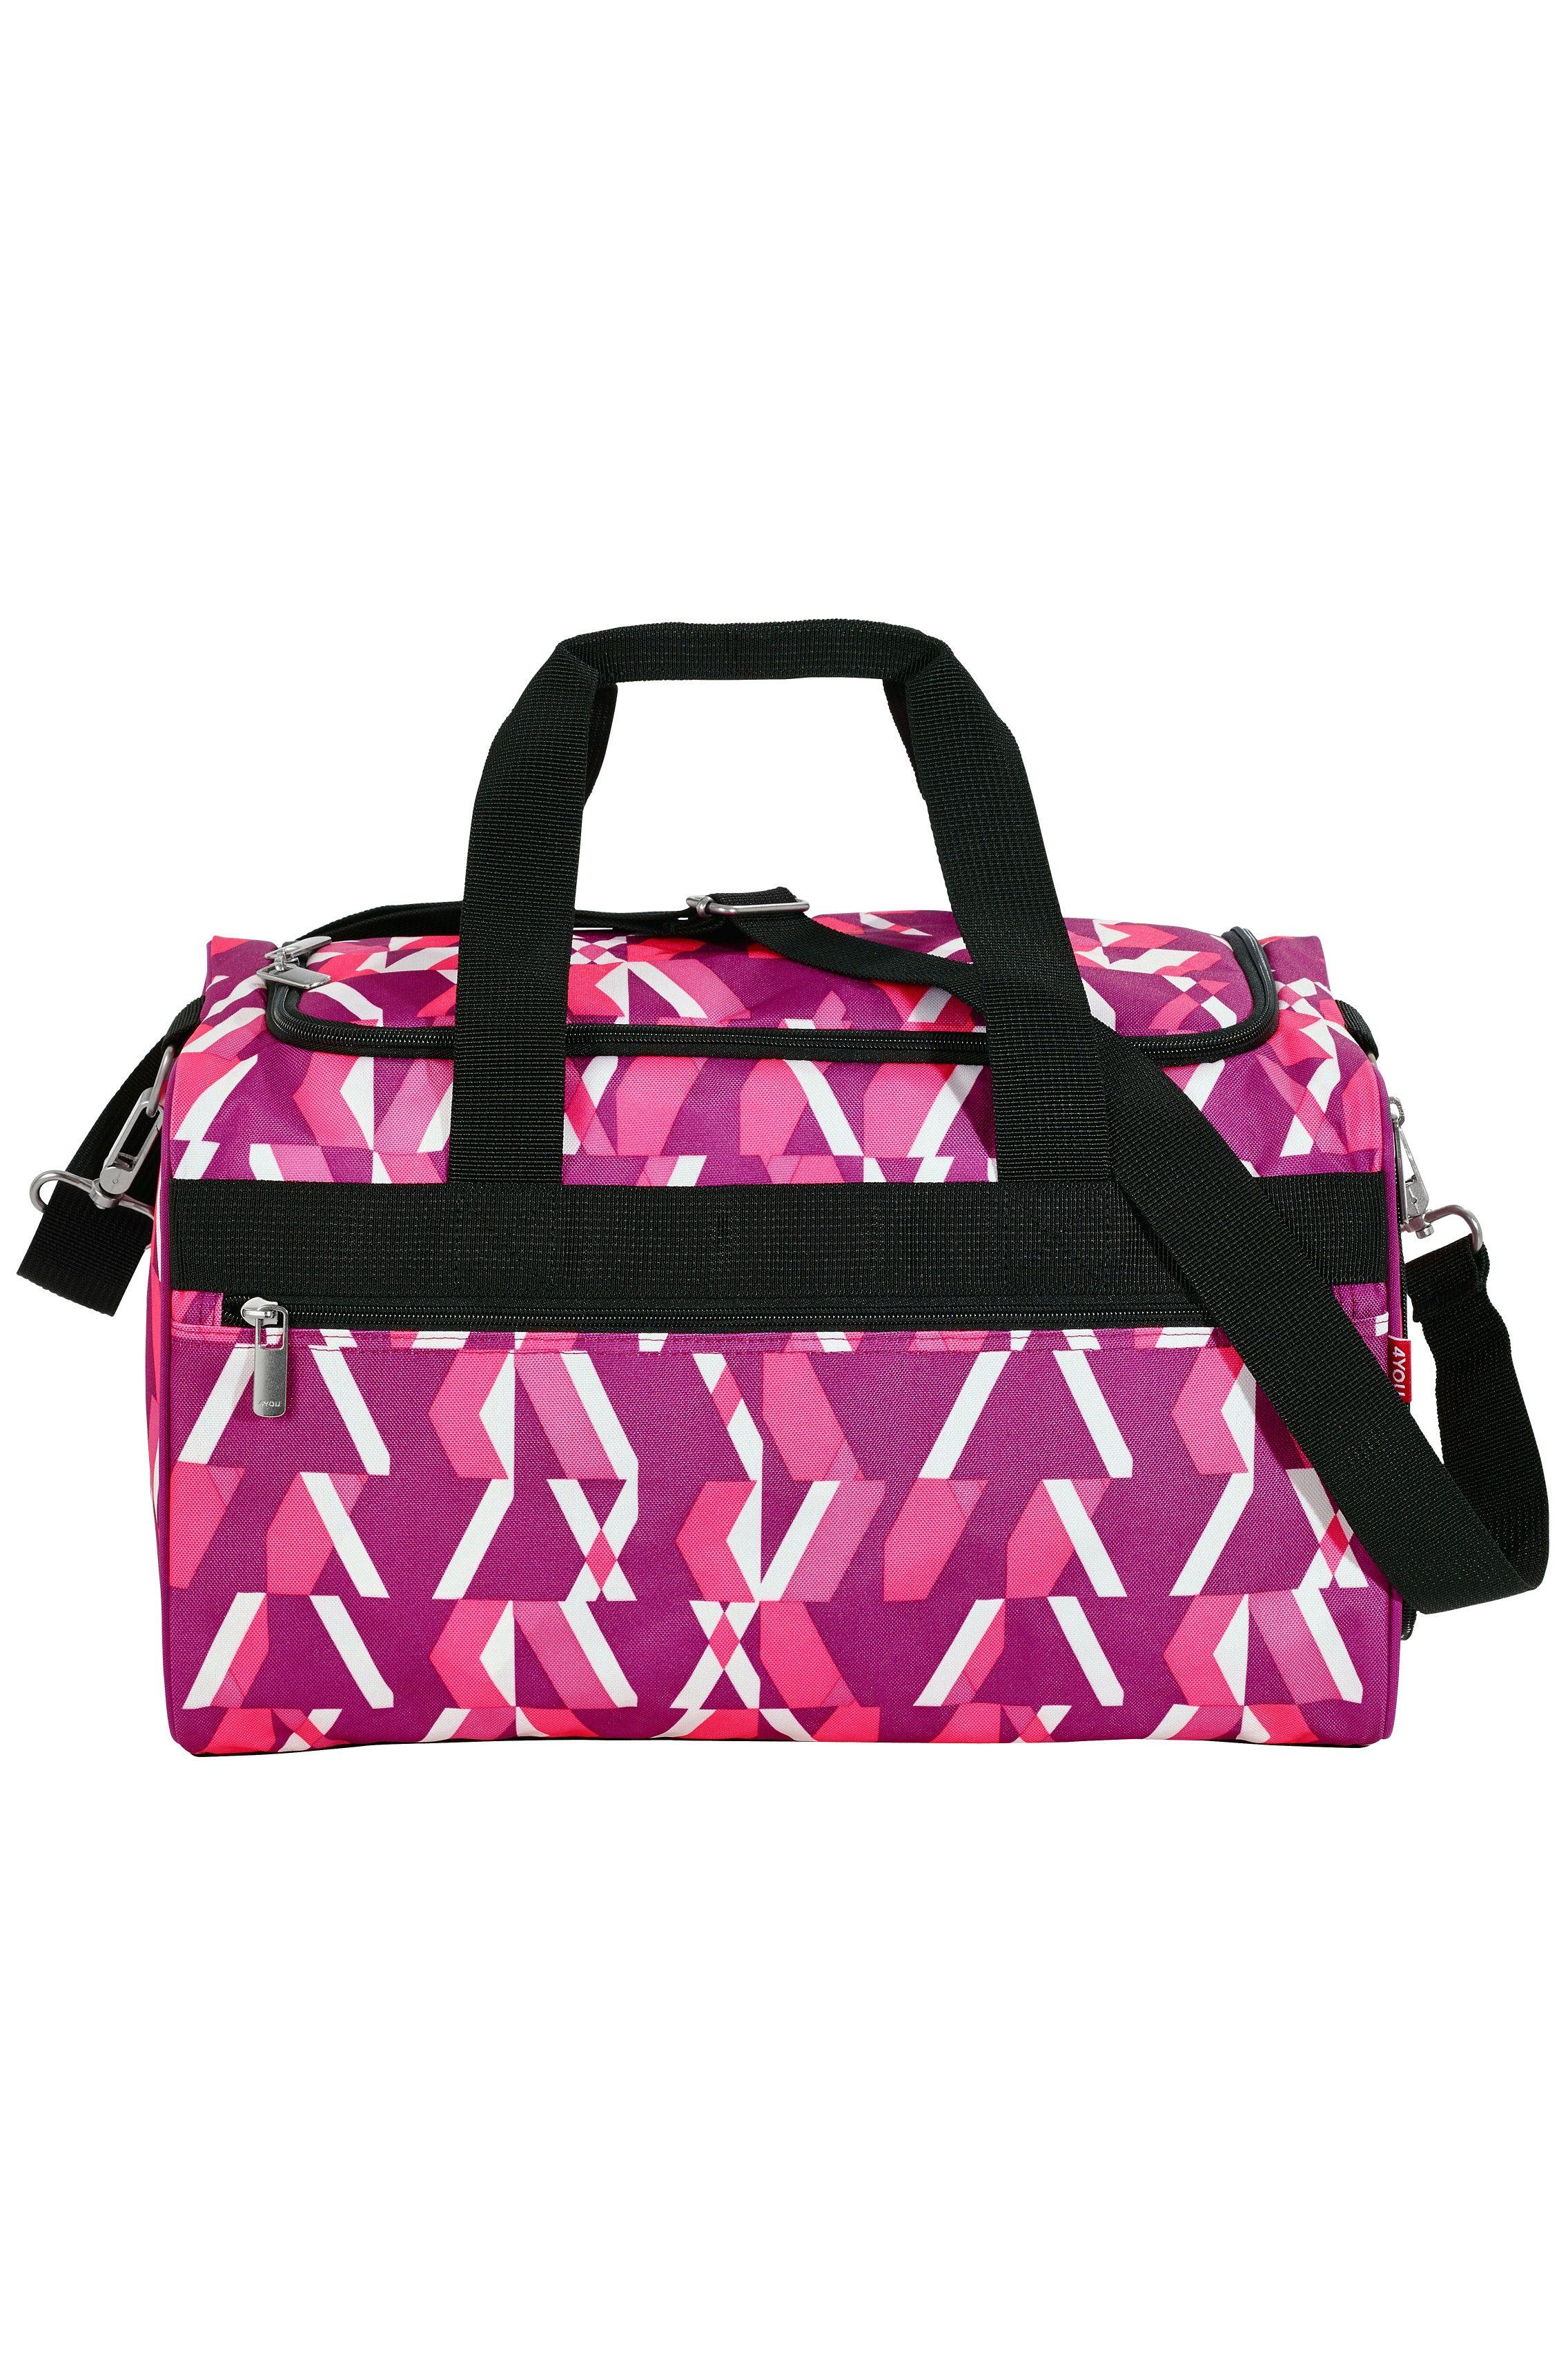 4YOU Feizeittasche Chequer Pink, »Sporttasche M«